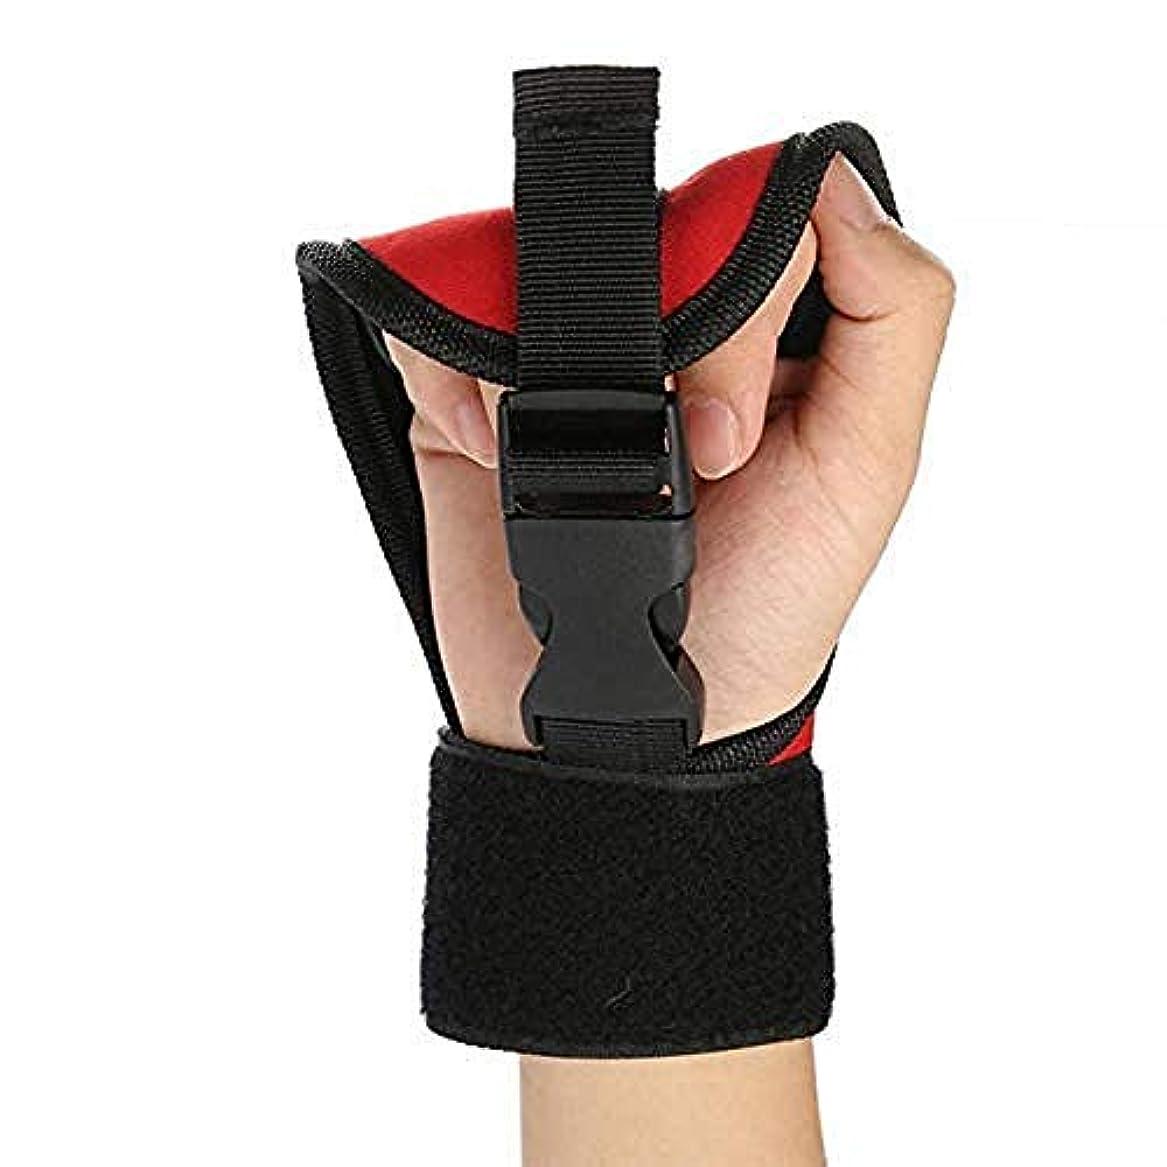 減衰混乱した領収書指の負傷のサポート、指の延長スプリント(ユニセクシャル)トレーニングハンドパンチ調節可能ストラップ,Buckle